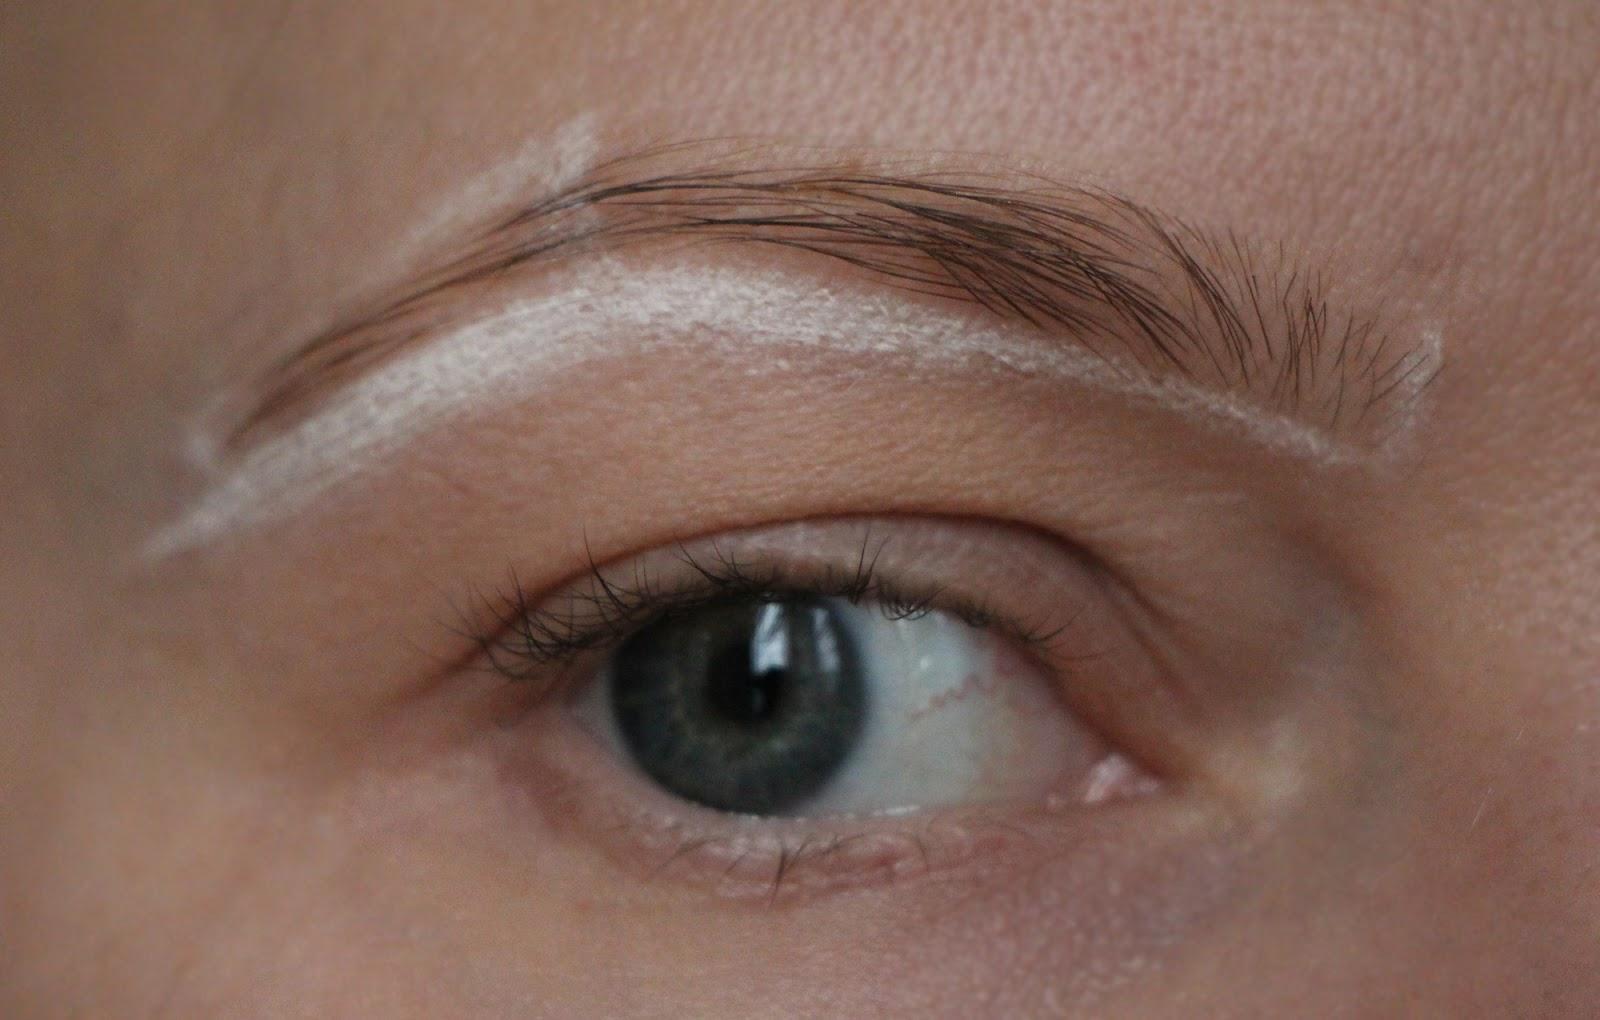 Использование светлого карандаша для прорисовки контура волосков существенно облегчит процесс окрашивания